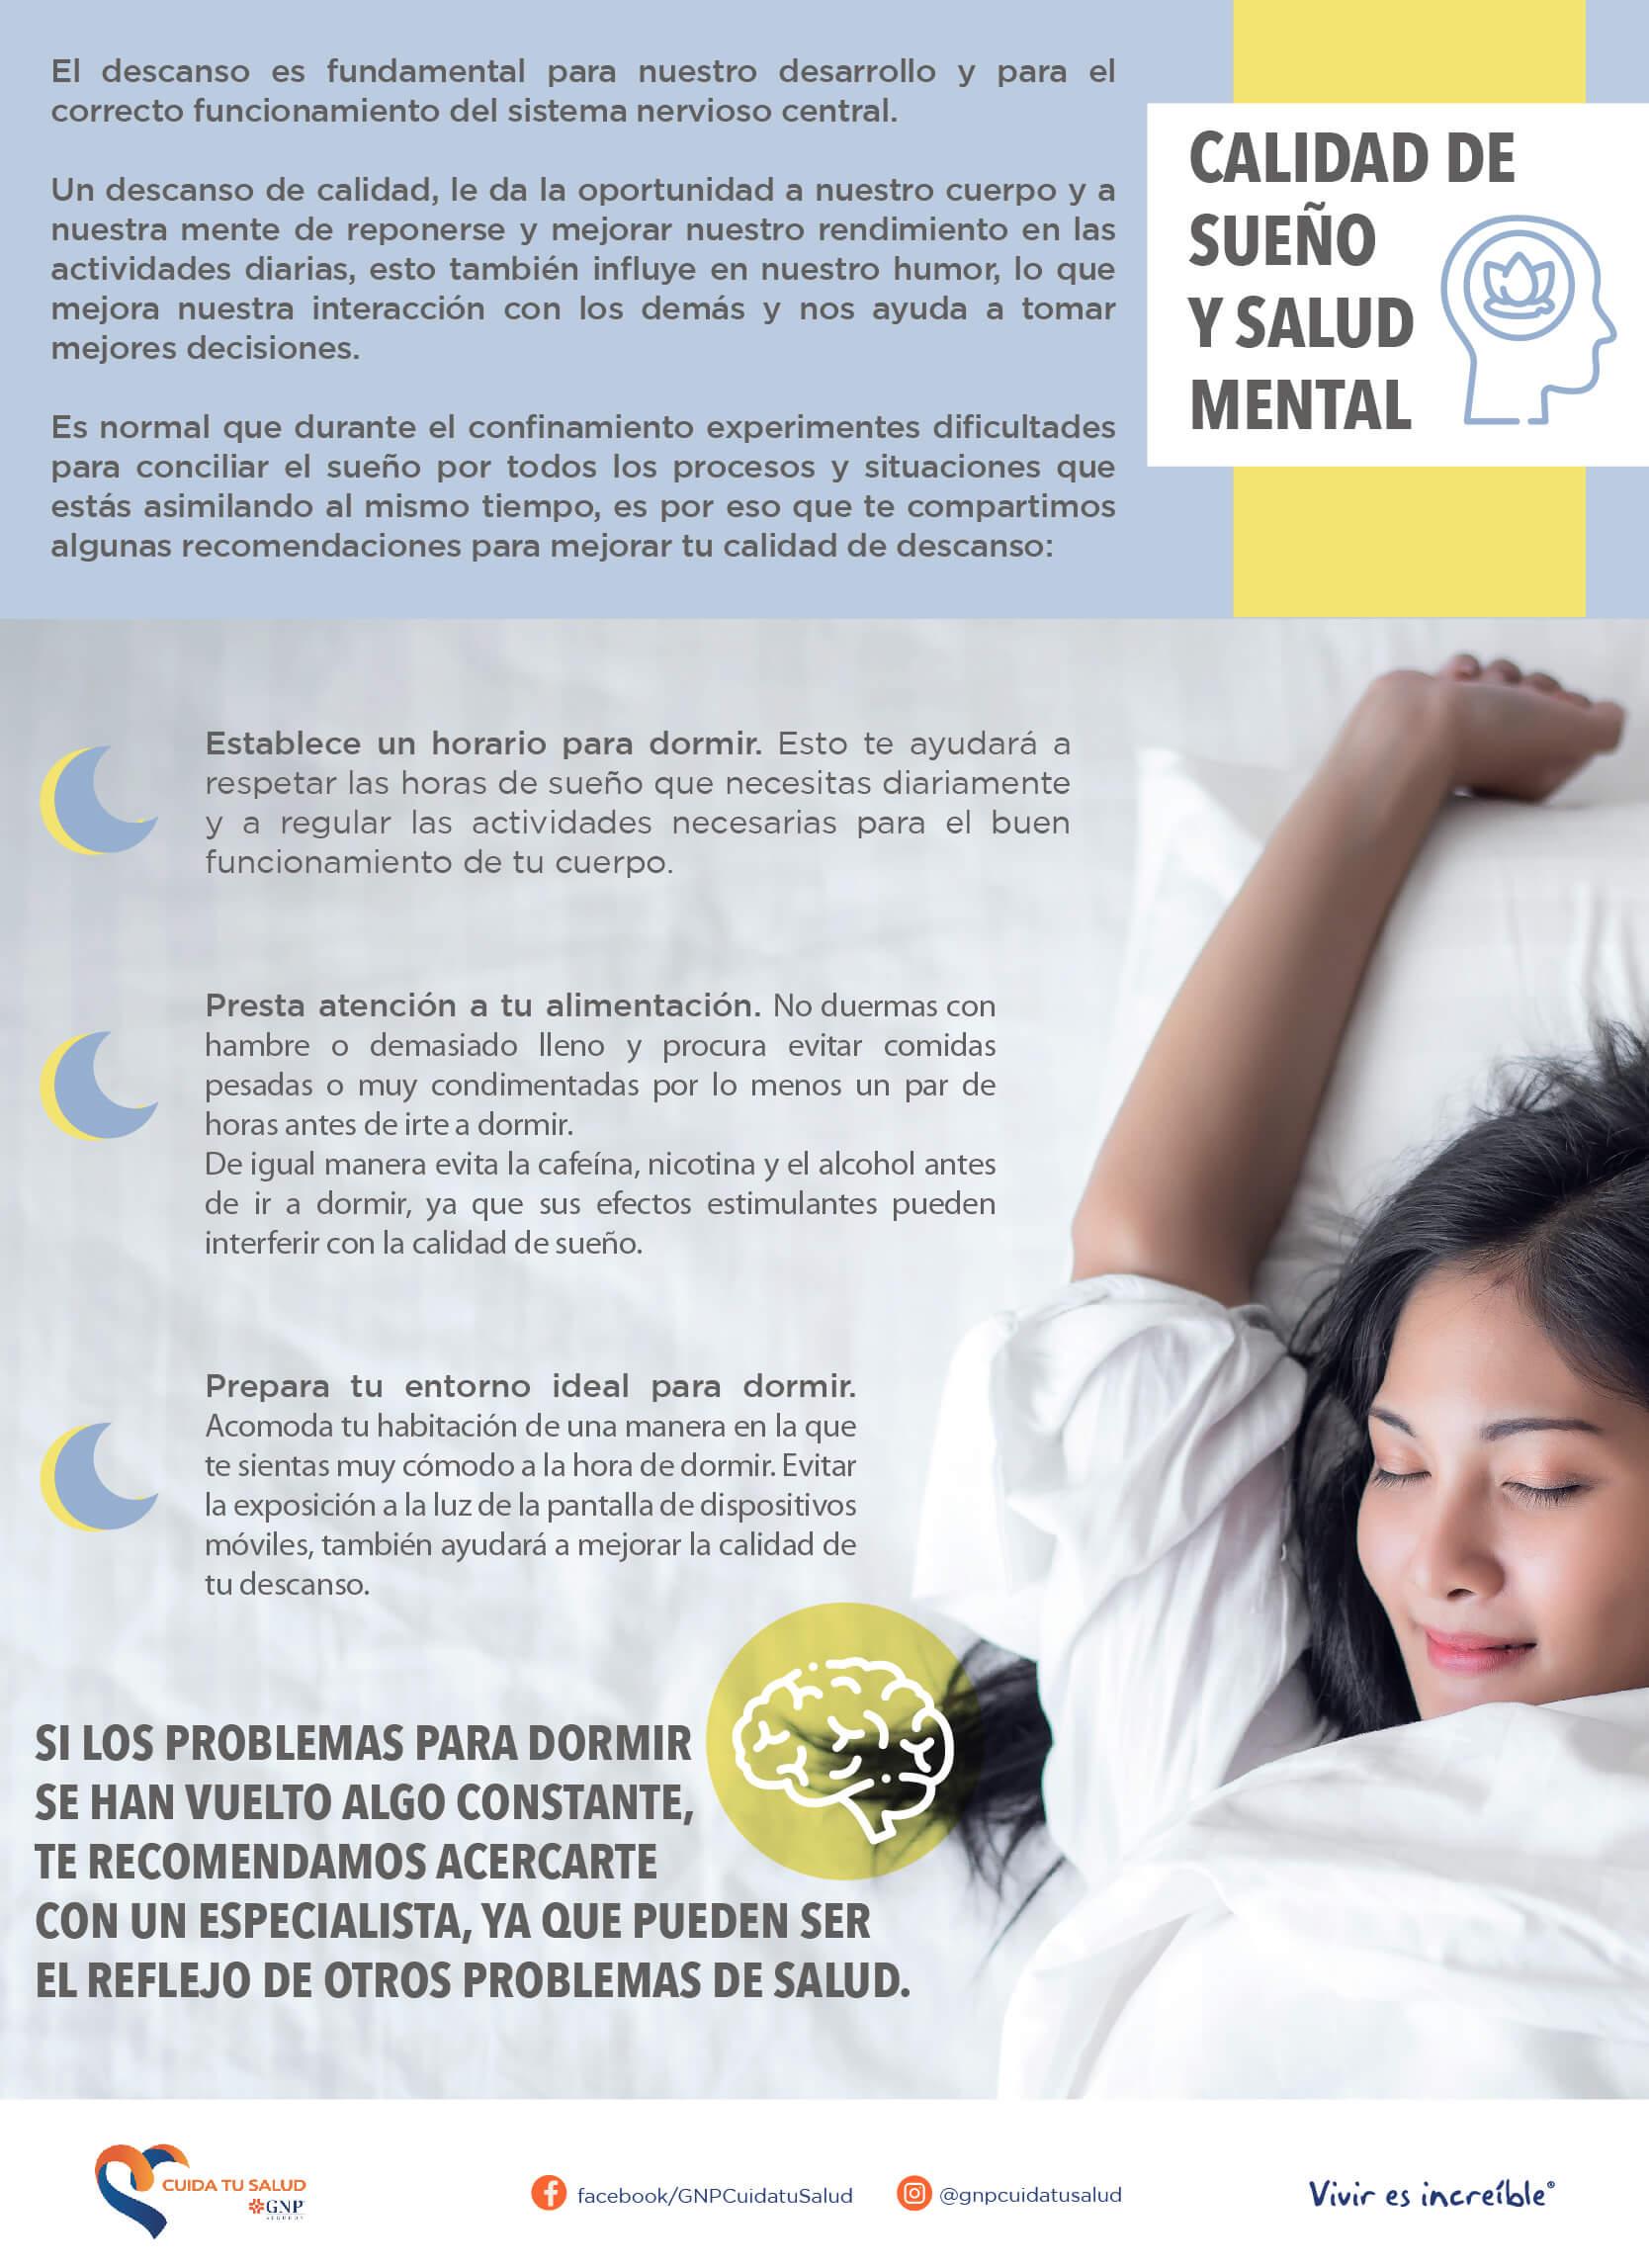 Calidad de sueño y salud mental